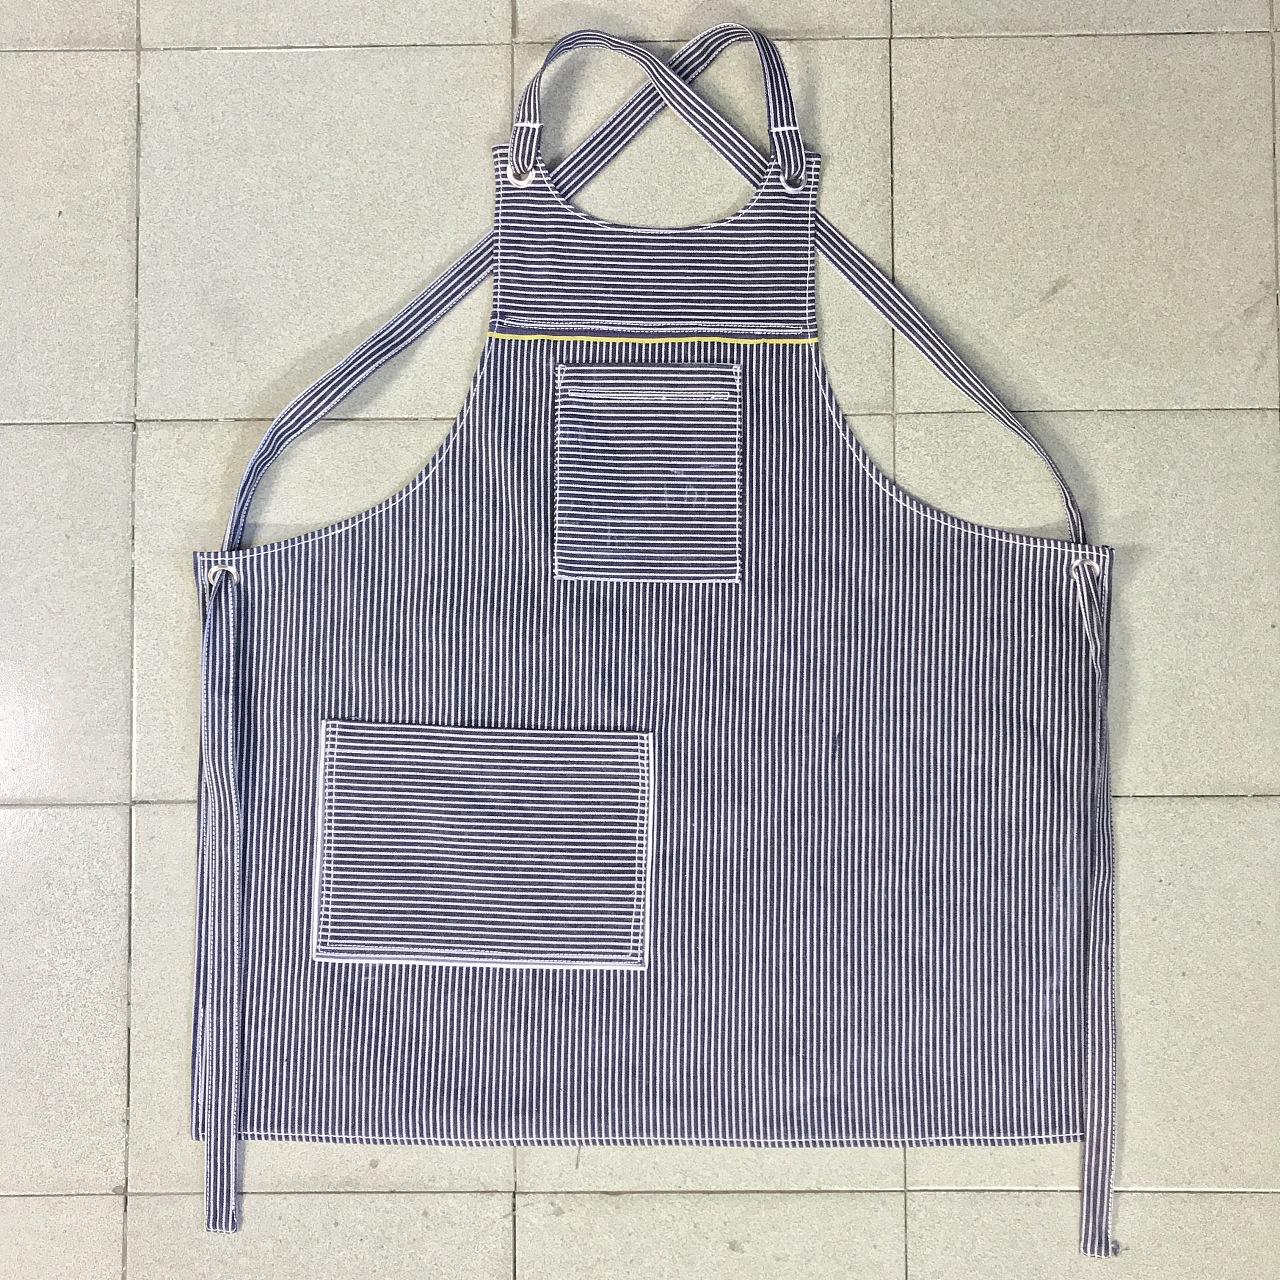 纯手工手工围裙,用料牛仔等,设计 纸样 制作